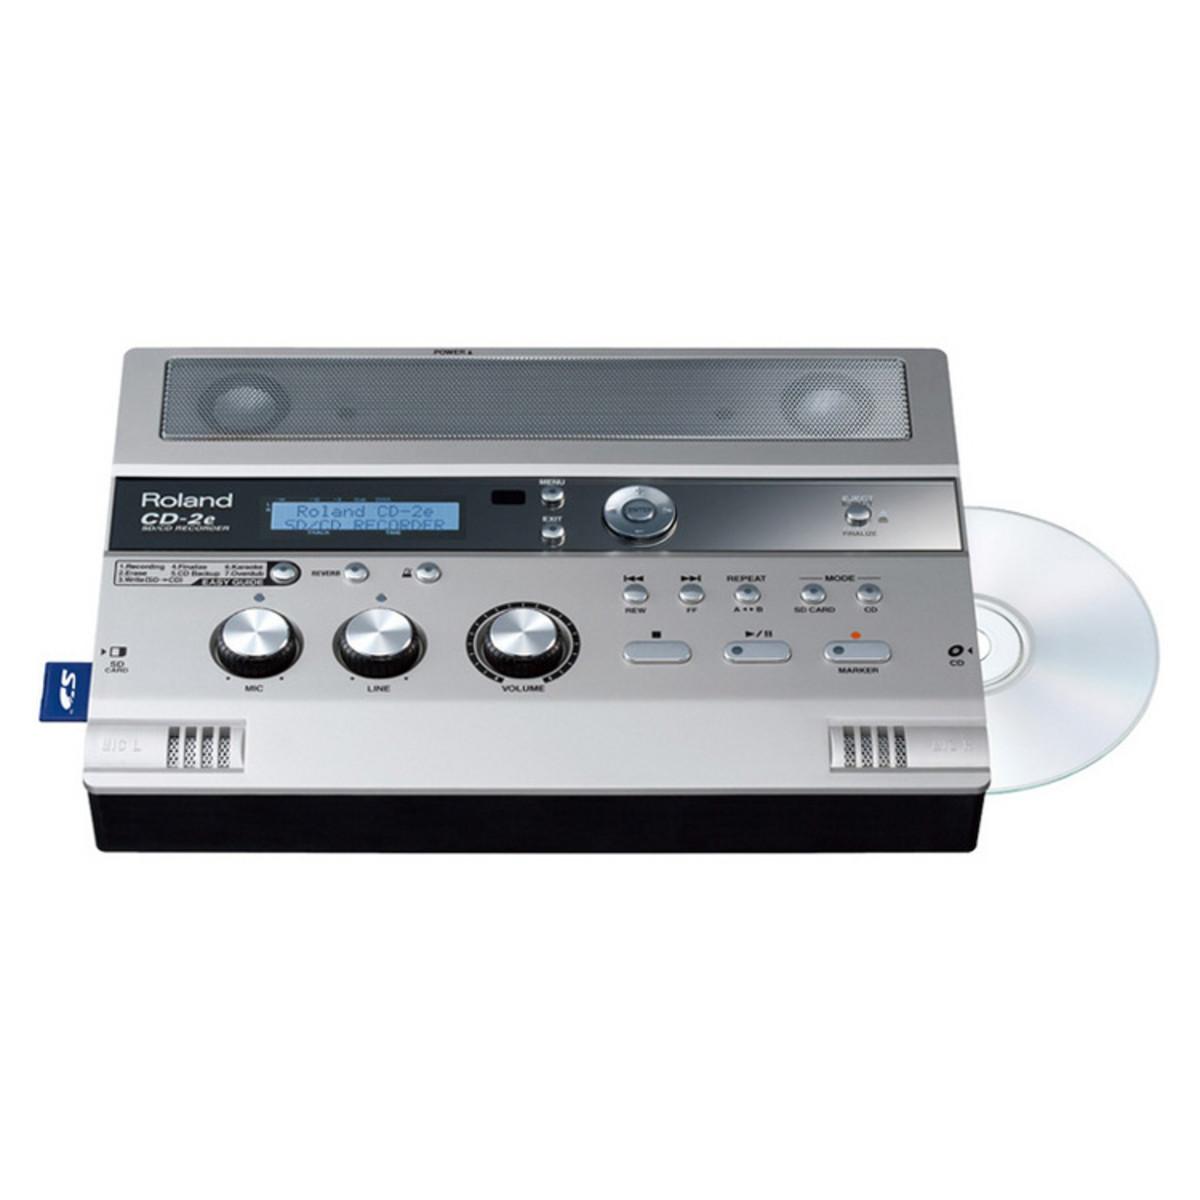 roland cd 2e sd cd recorder at gear4music com rh gear4music com